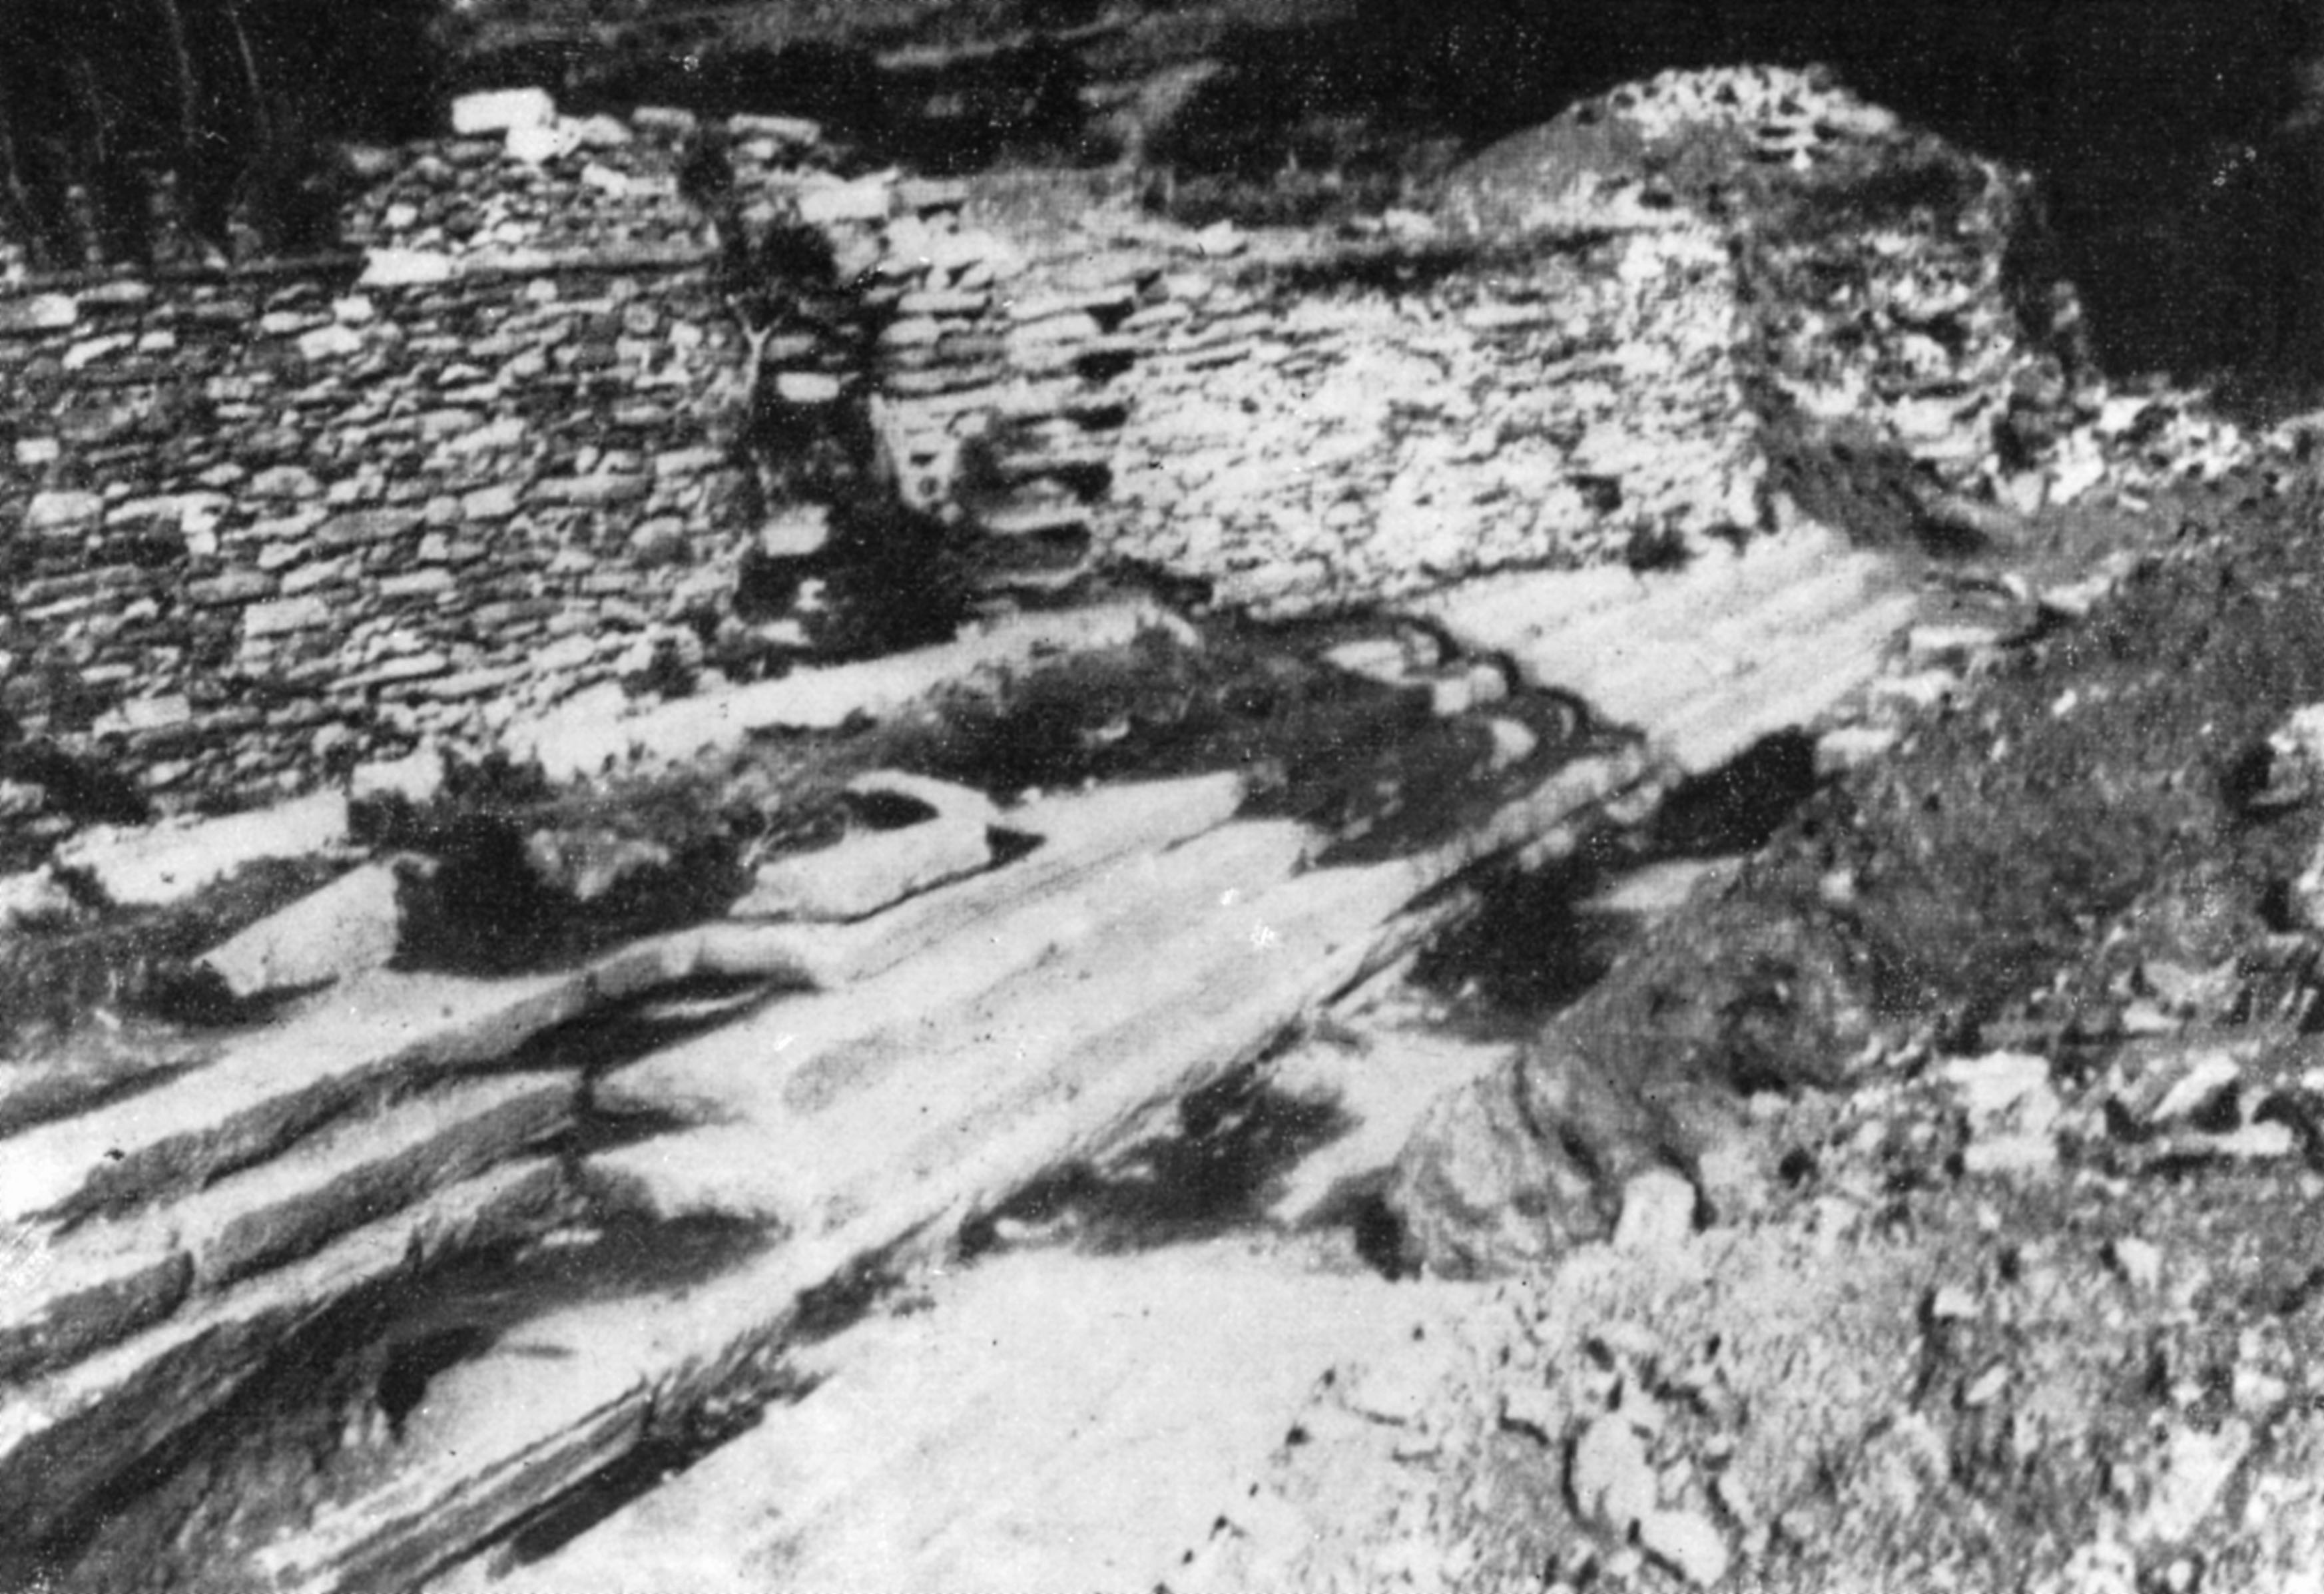 Ανασκαφή Ν. Κοντολέοντος (1956). Οι βαθμίδες της βόρειας στοάς στην αγορά της αρχαίας πόλης